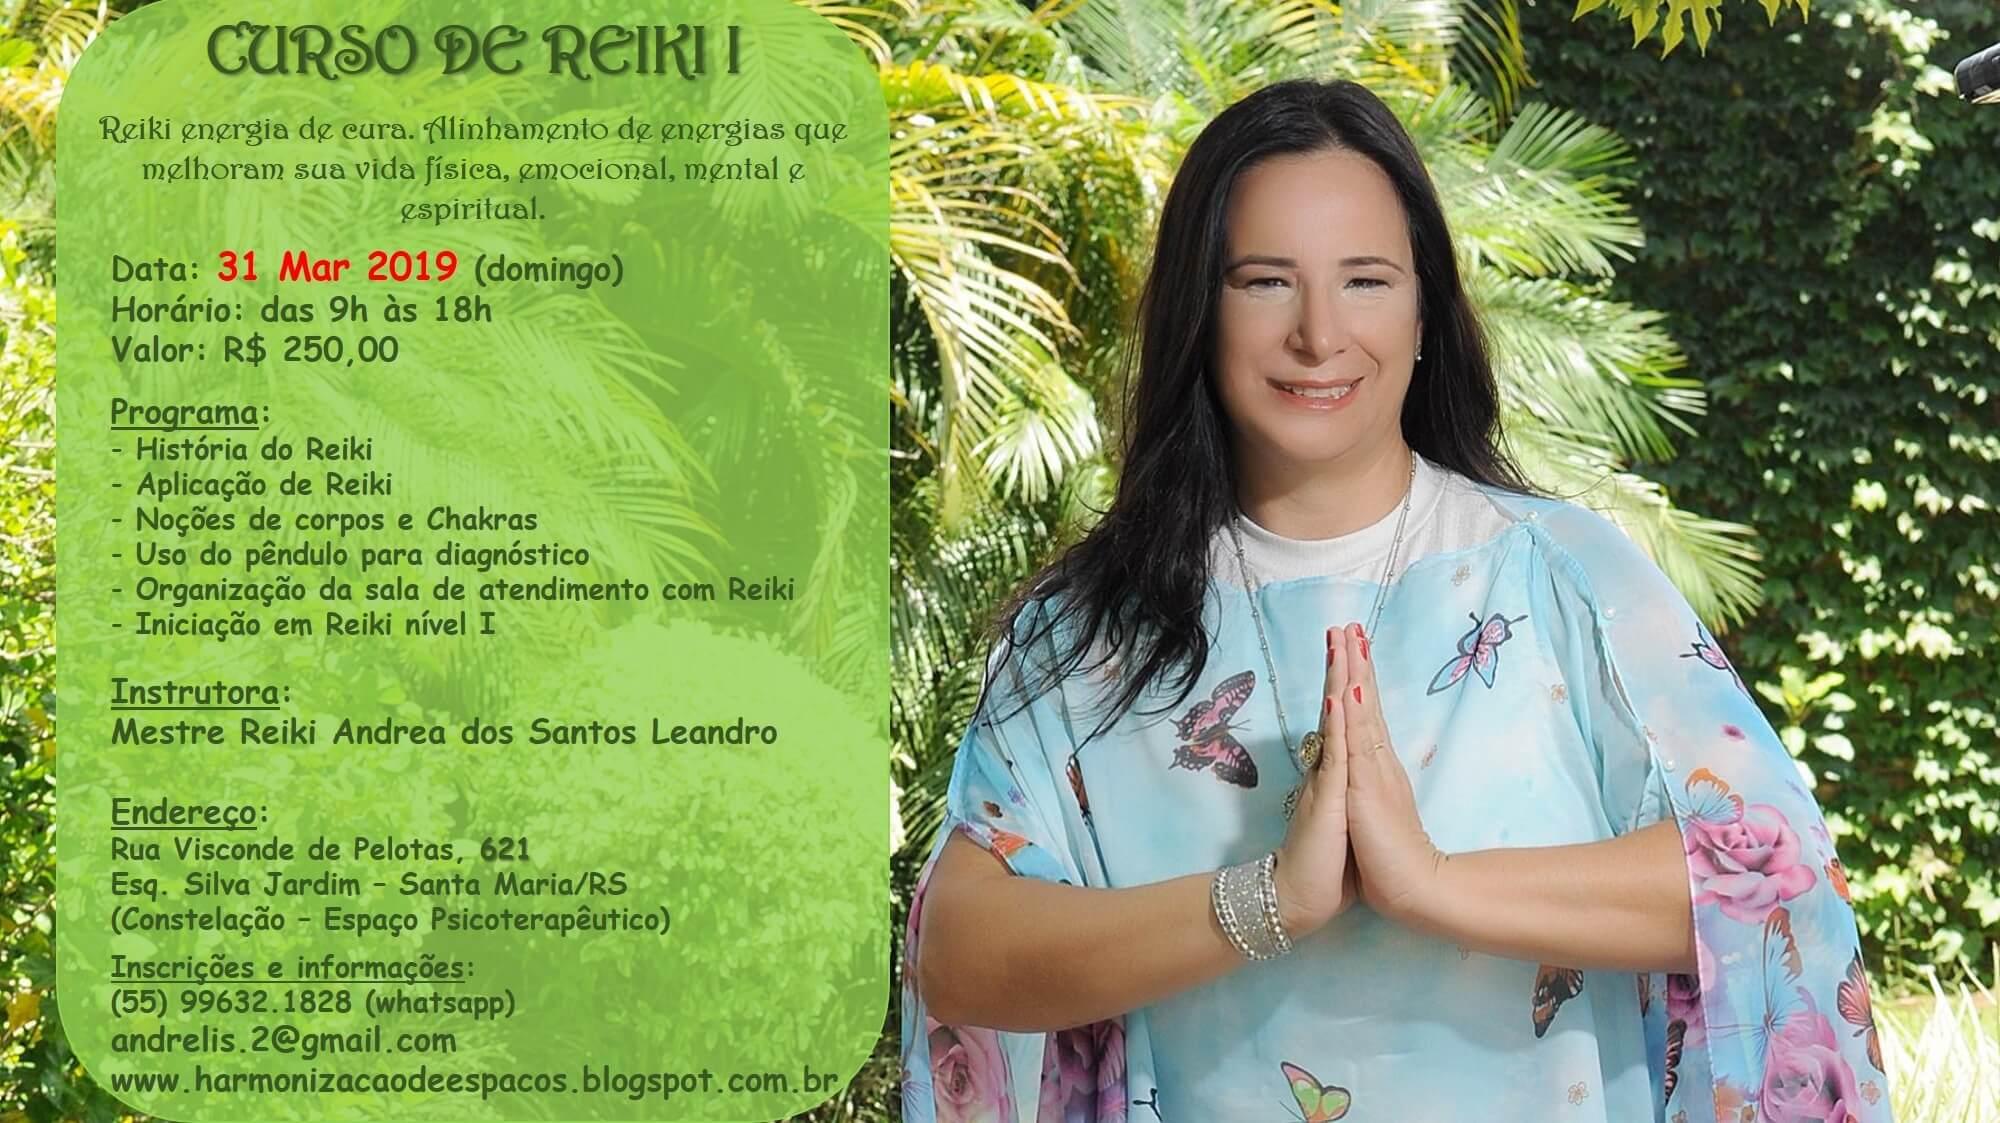 Curso de Reiki I, com Andrea Leandro